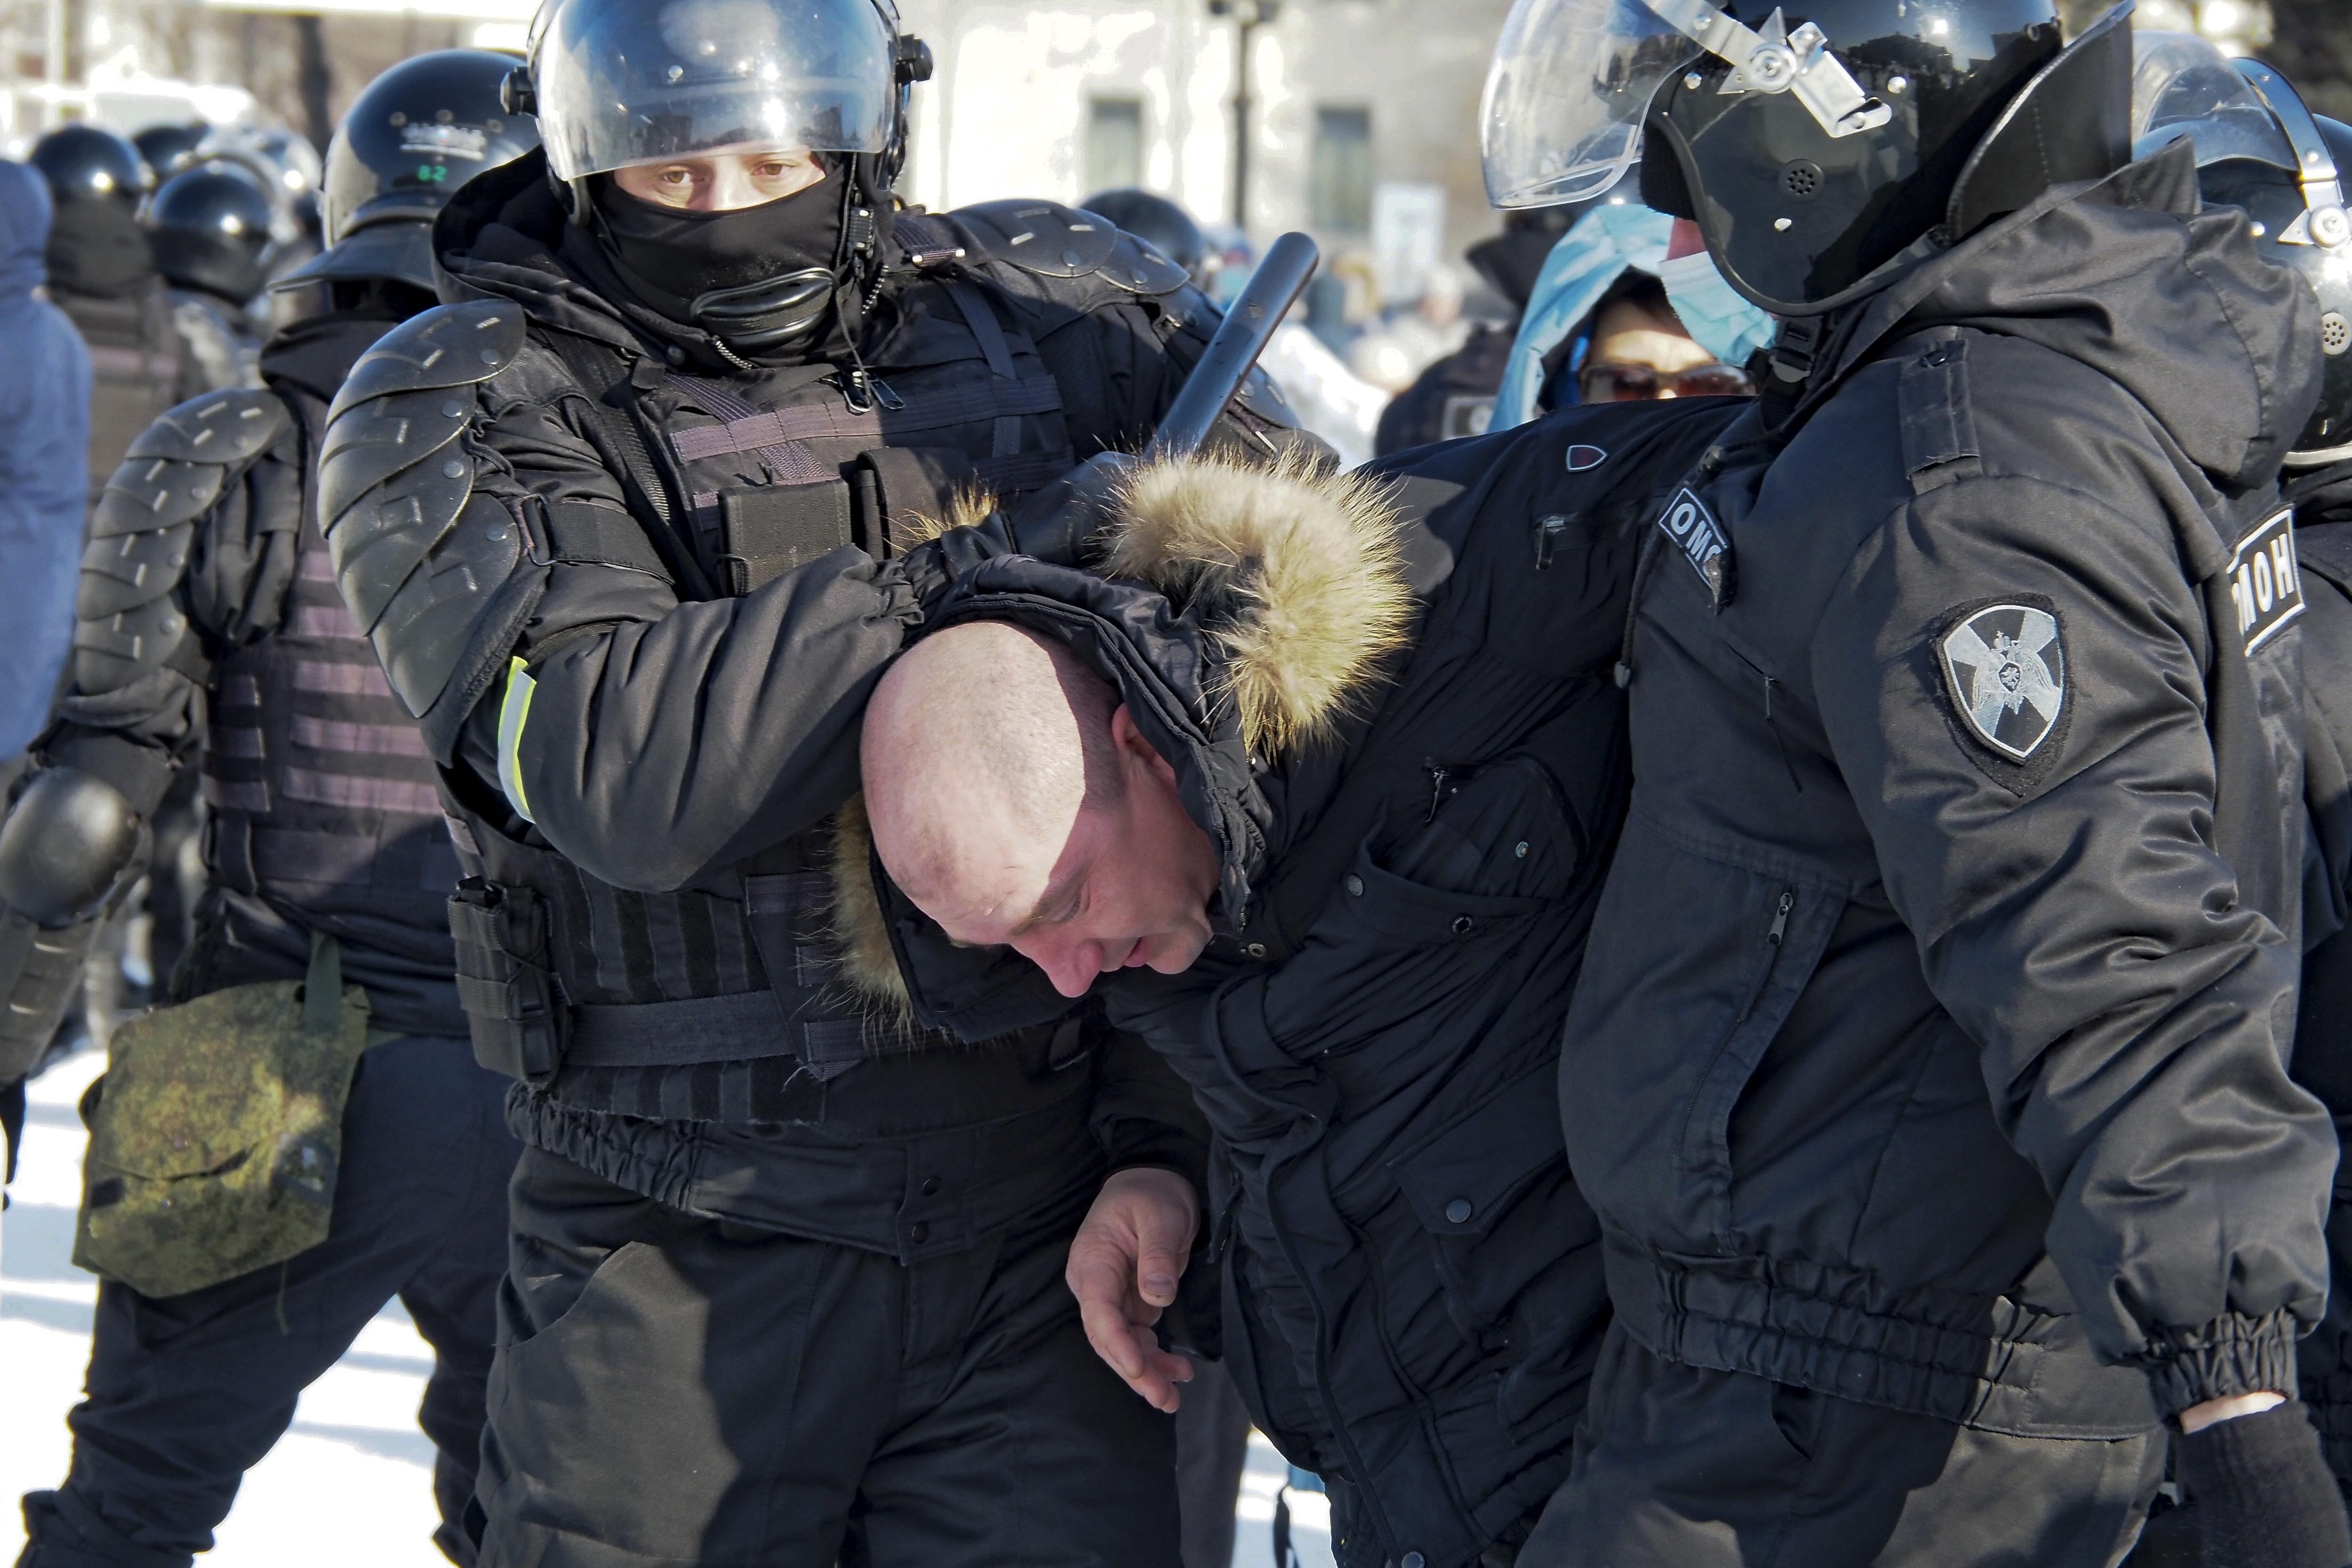 Apoiadores de Navalny, opositor de Putin, protestam na Rússia contra a sua prisão